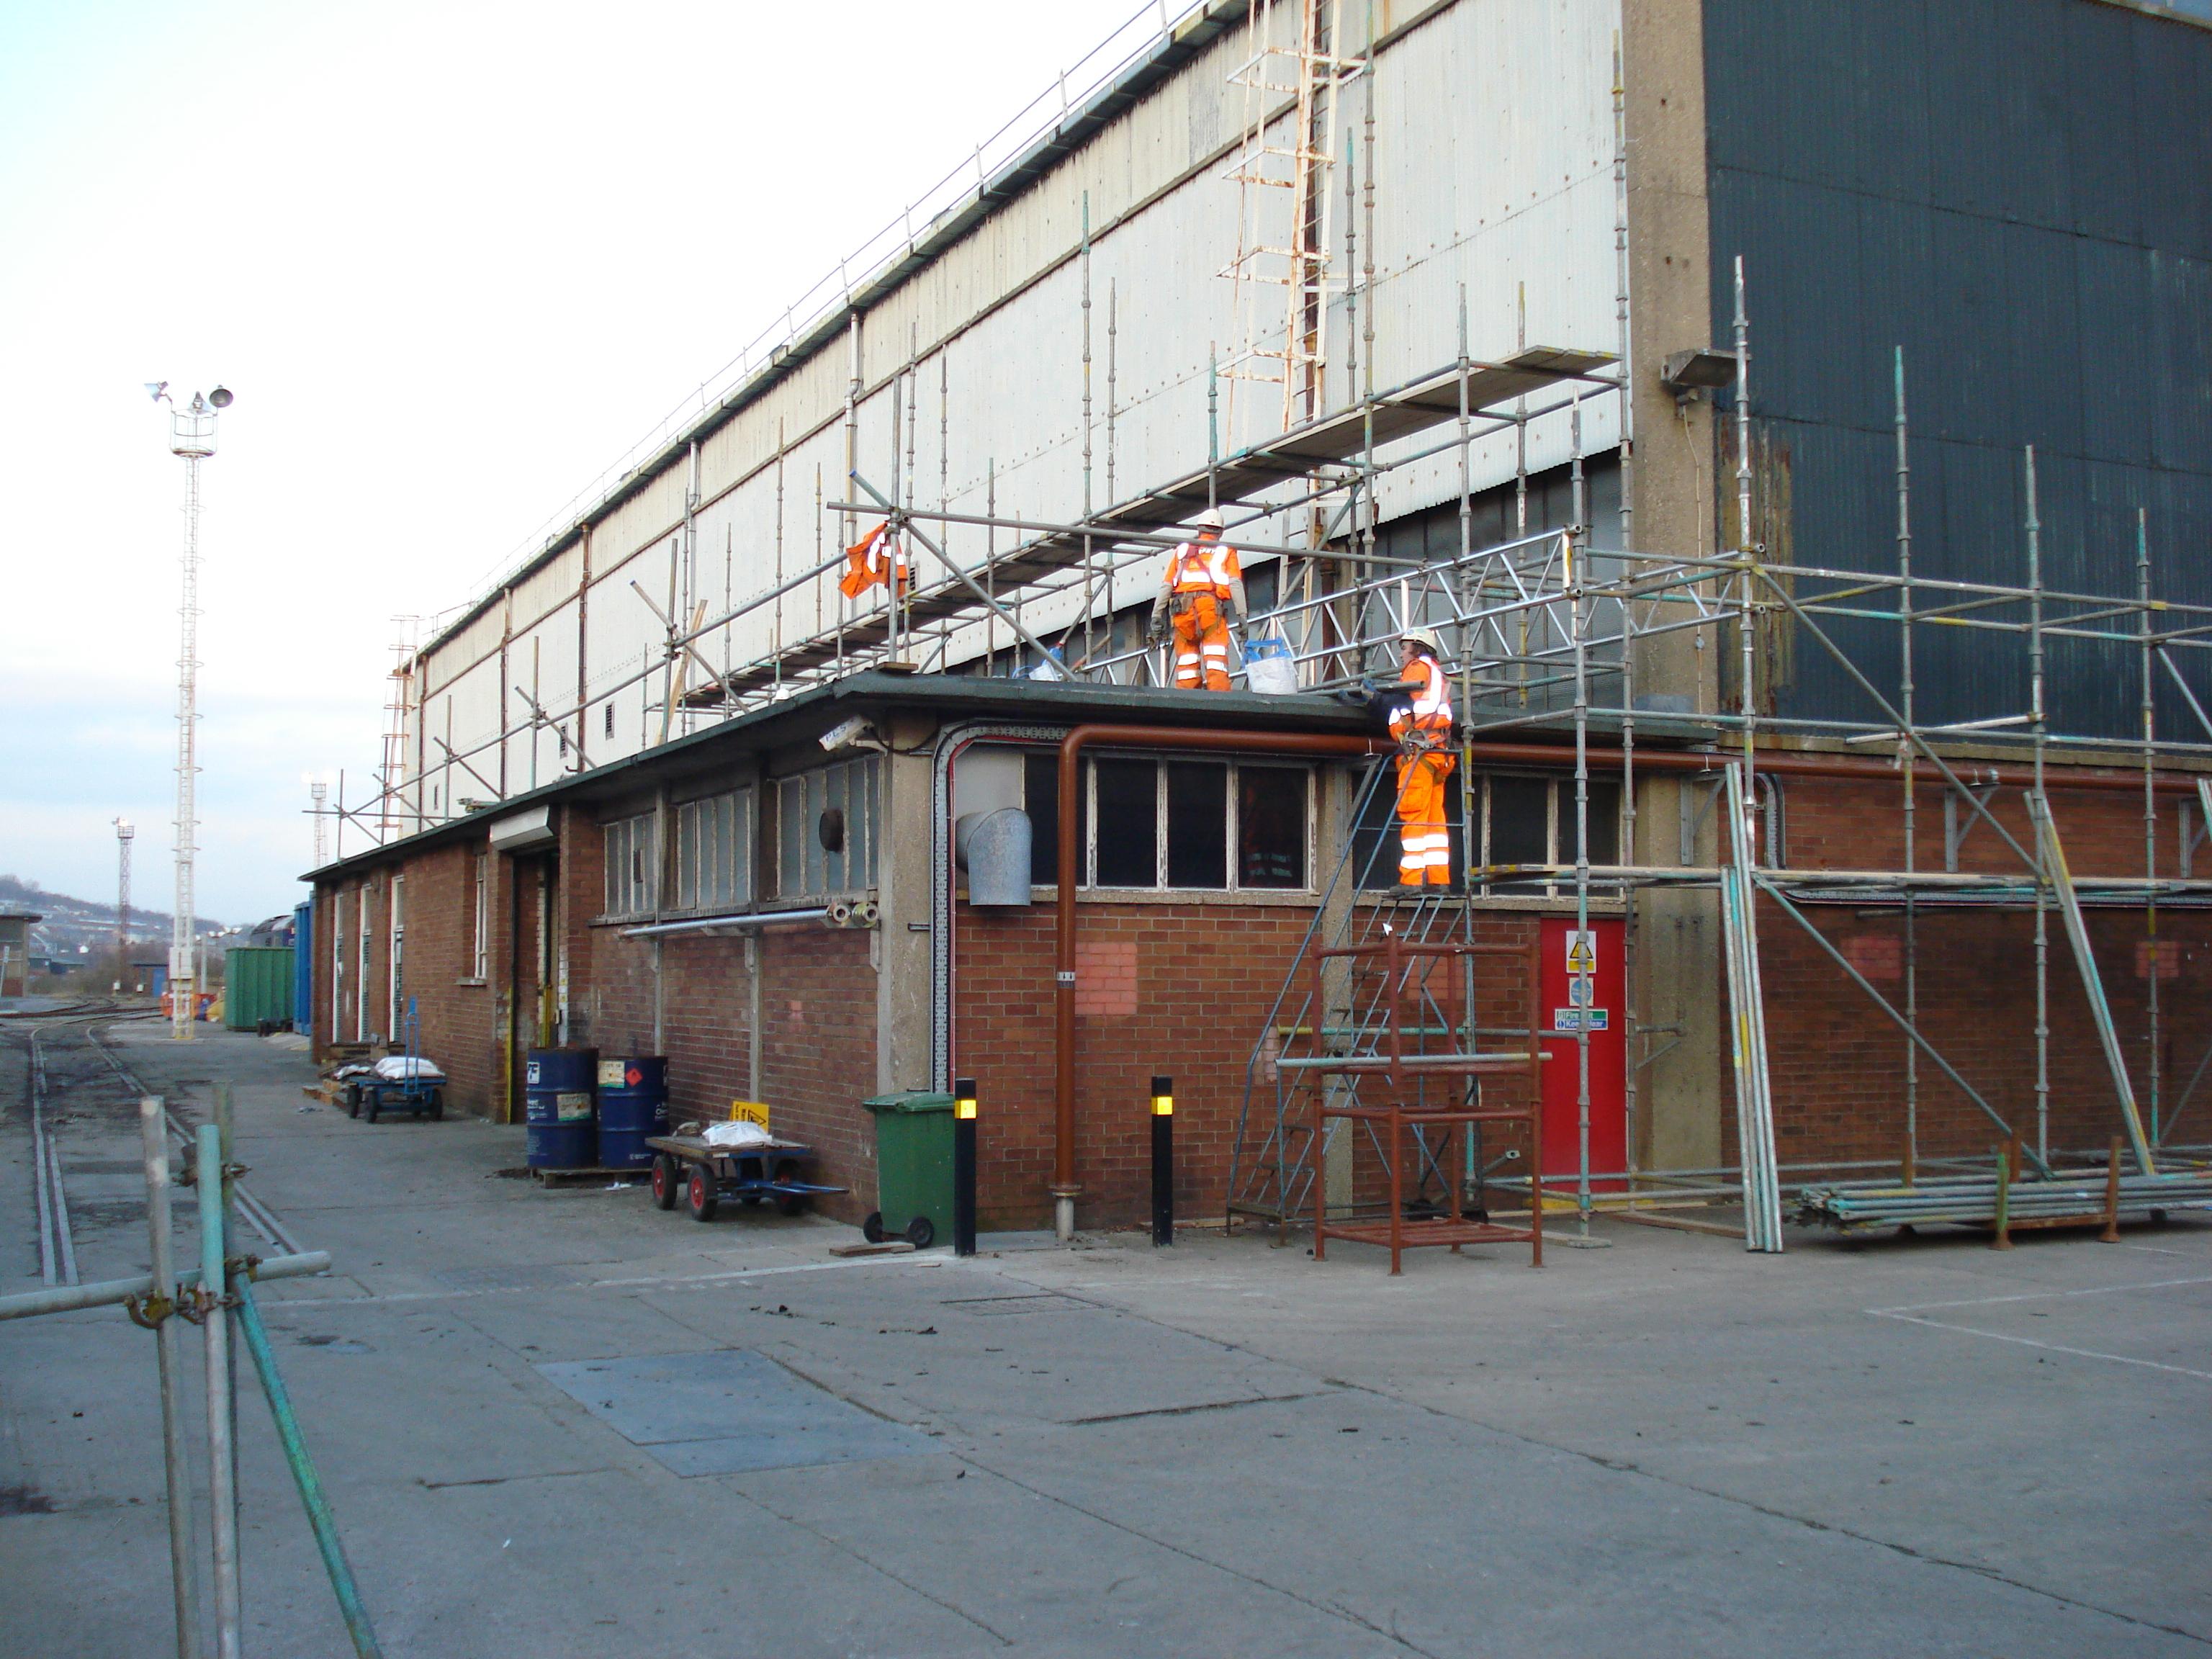 landore-depot,-swansea-image-3